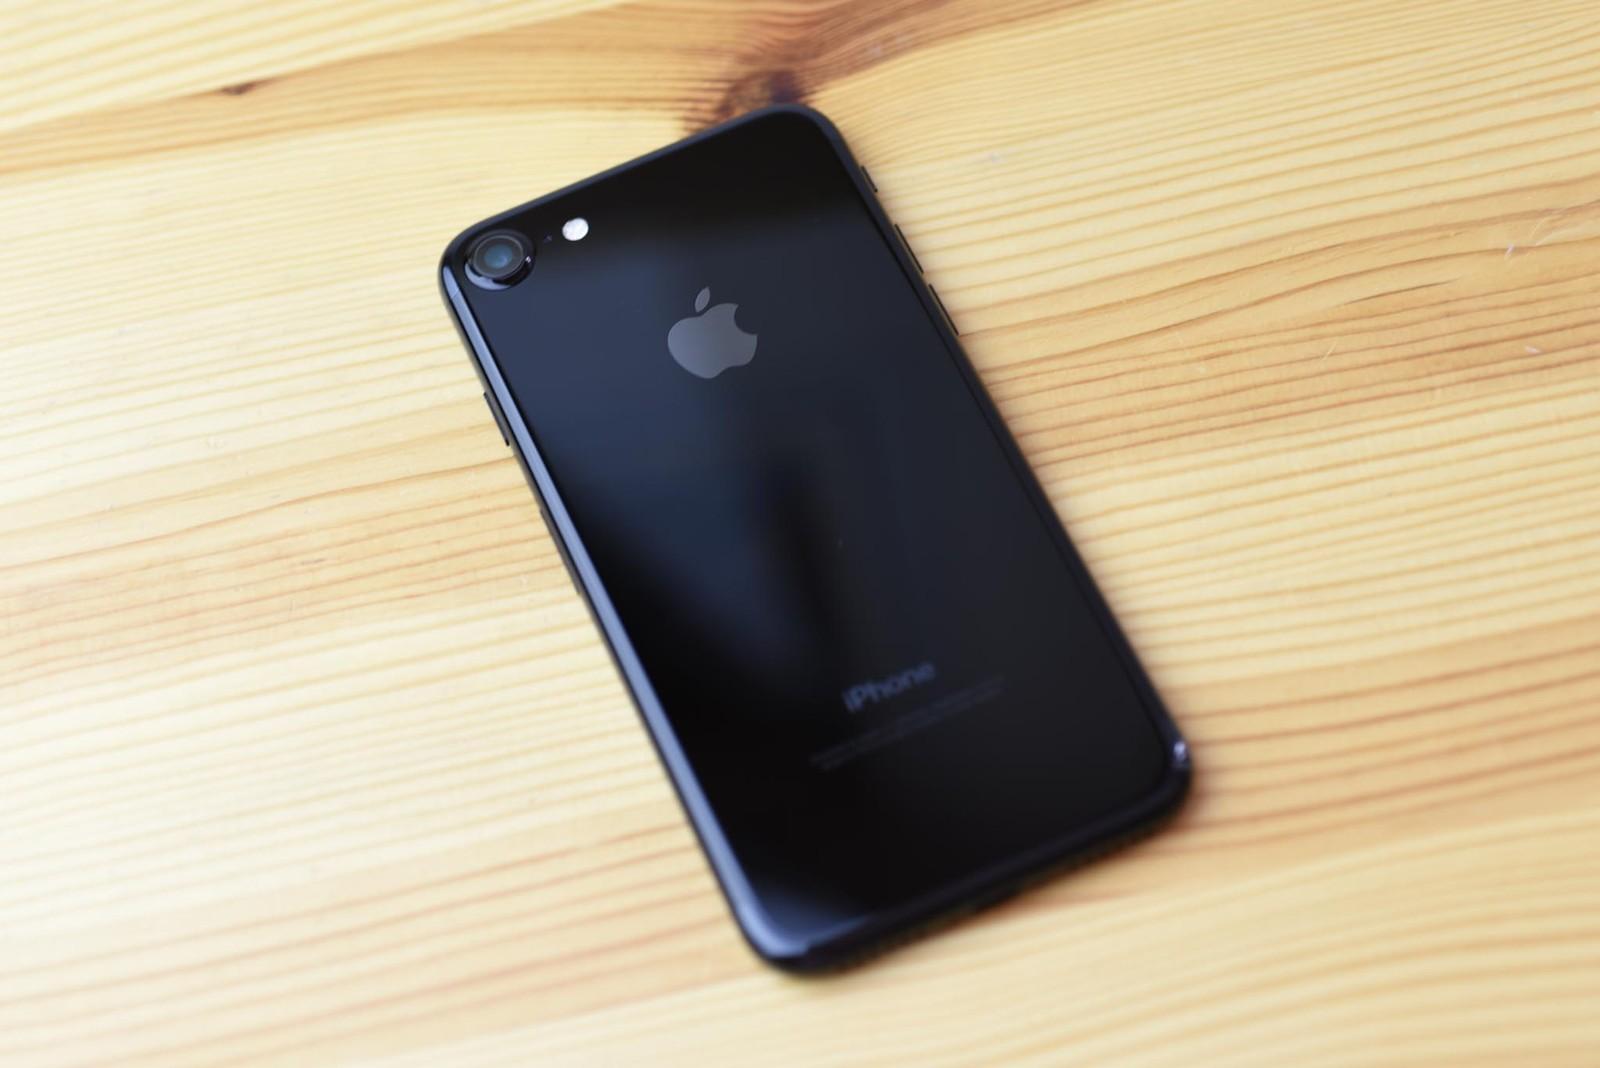 اپل تایید کرد که تمام موجودی آیفون ۷ پلاس و آیفون ۷ جت بلک بهفروش رفته است